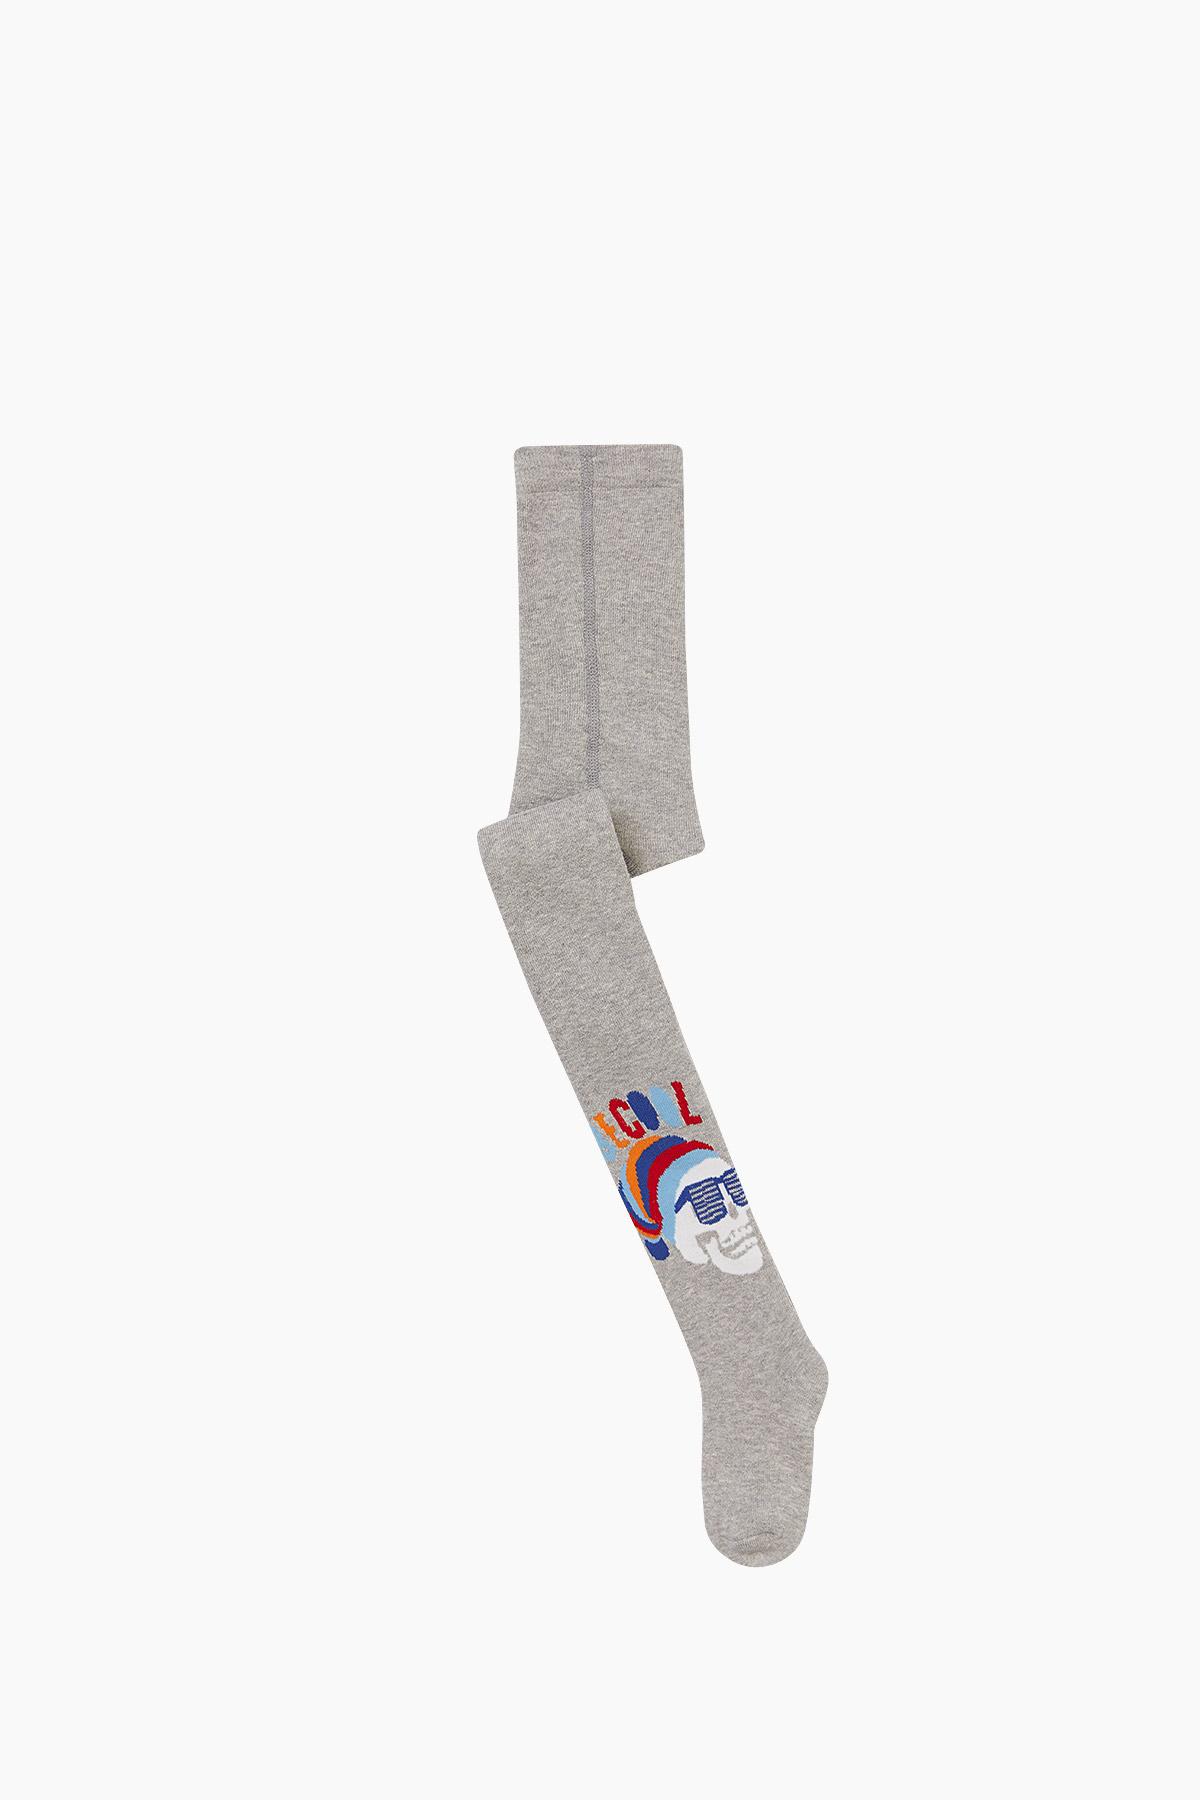 Bross - Schädelmuster Handtuchstrumpfhose für Kinder